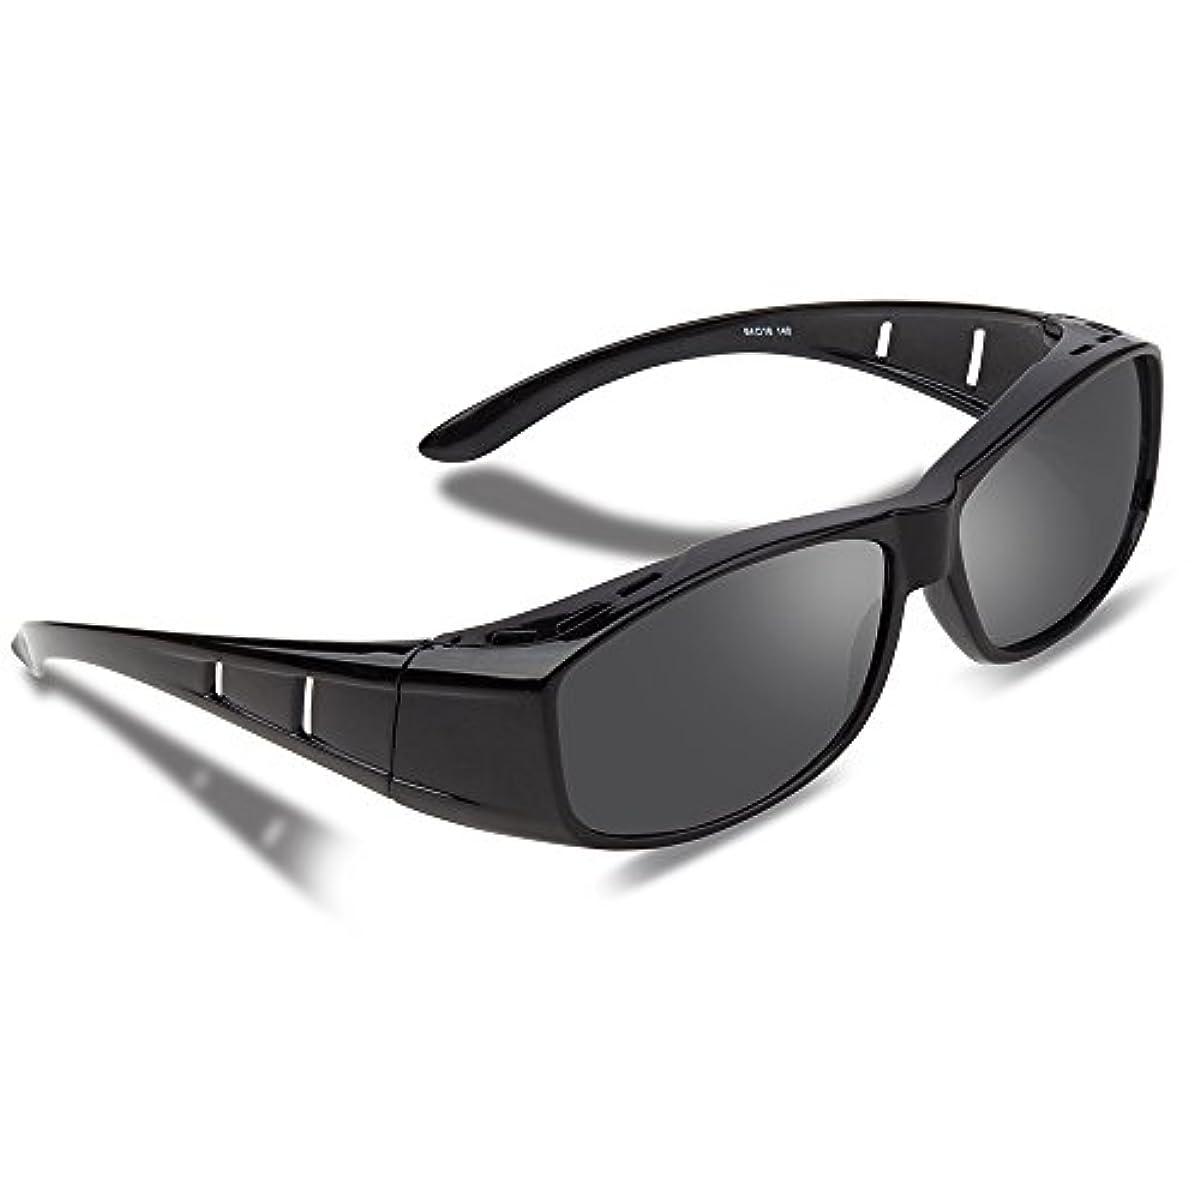 [해외] EWIN®안경의 위로부터 걸린 over썬글라스 편광 렌즈 UV400 자외선 99.9%컷 꽃가루 썬글라스 맨즈 레이디스 겸용